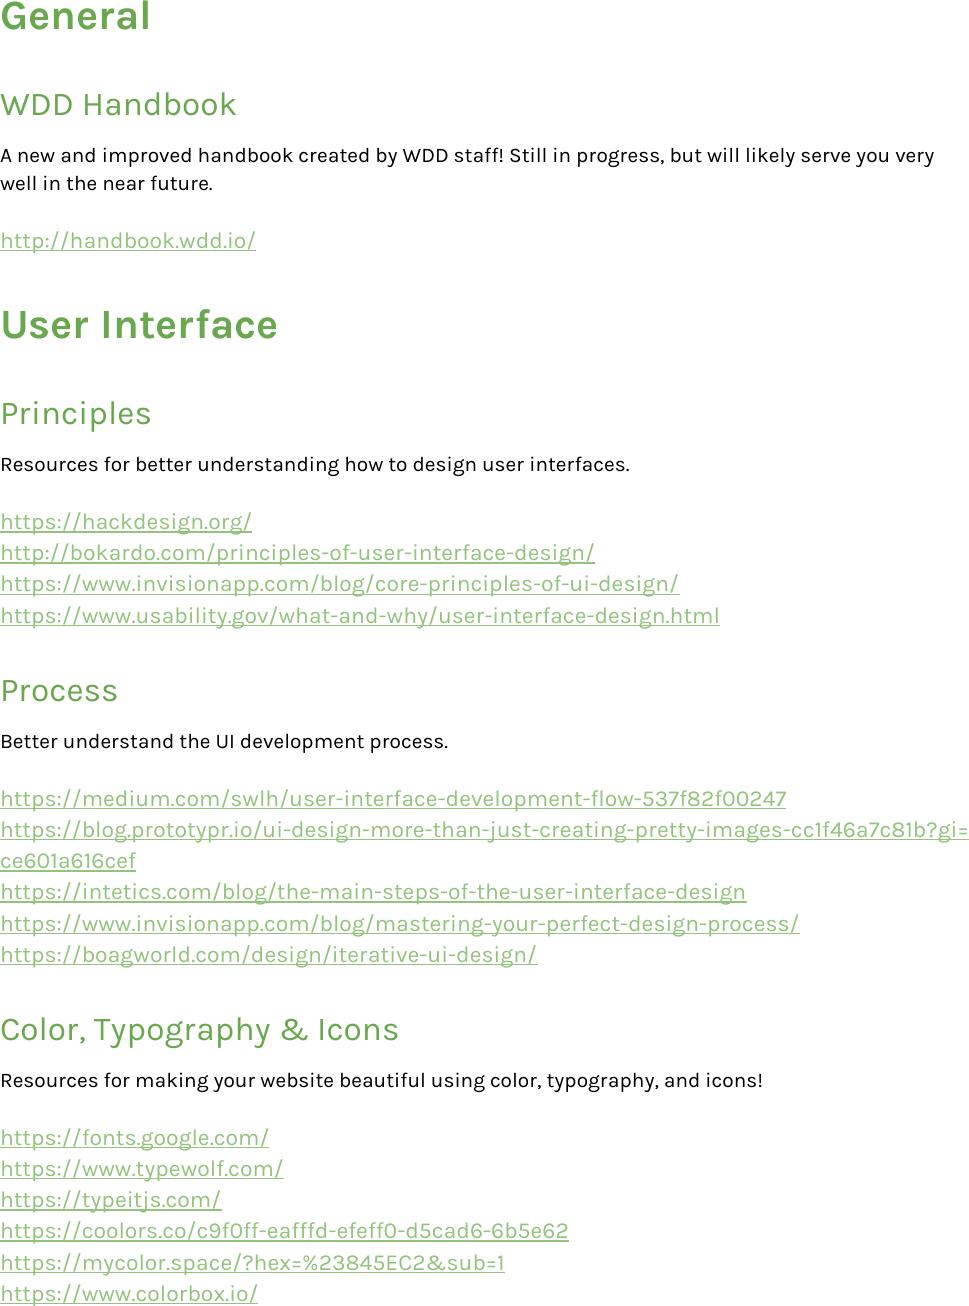 Post WDD Design Resource Guide